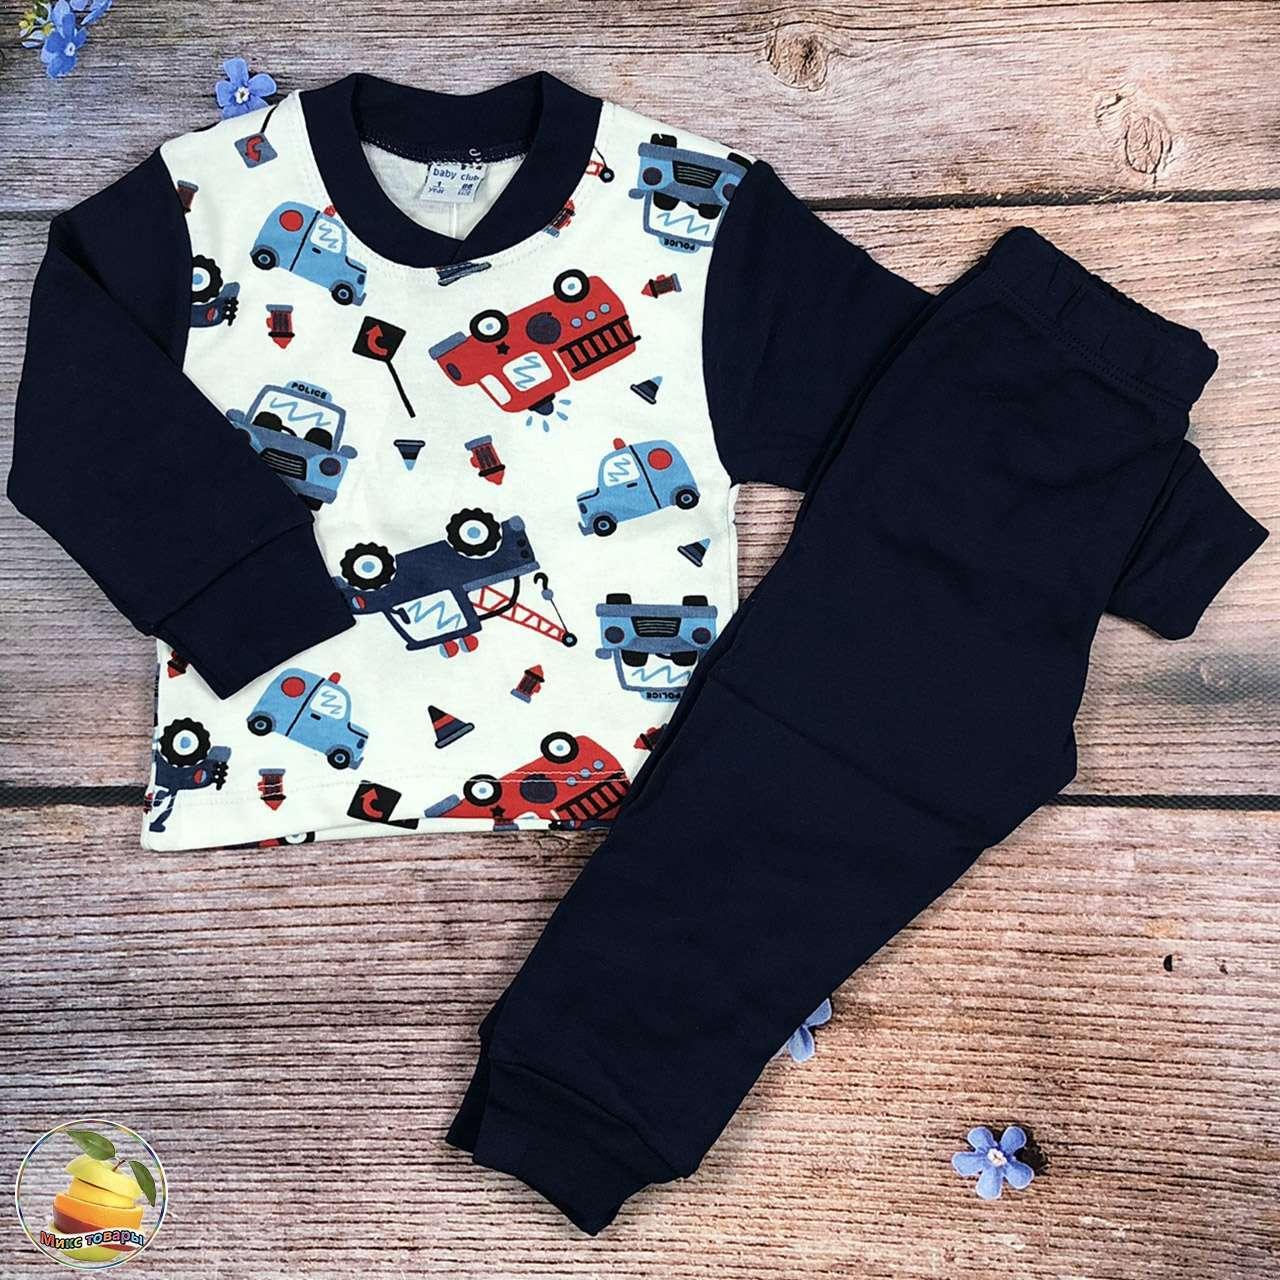 Пижама для мальчика подростка Рост: 134,140,146,152 см (20147)